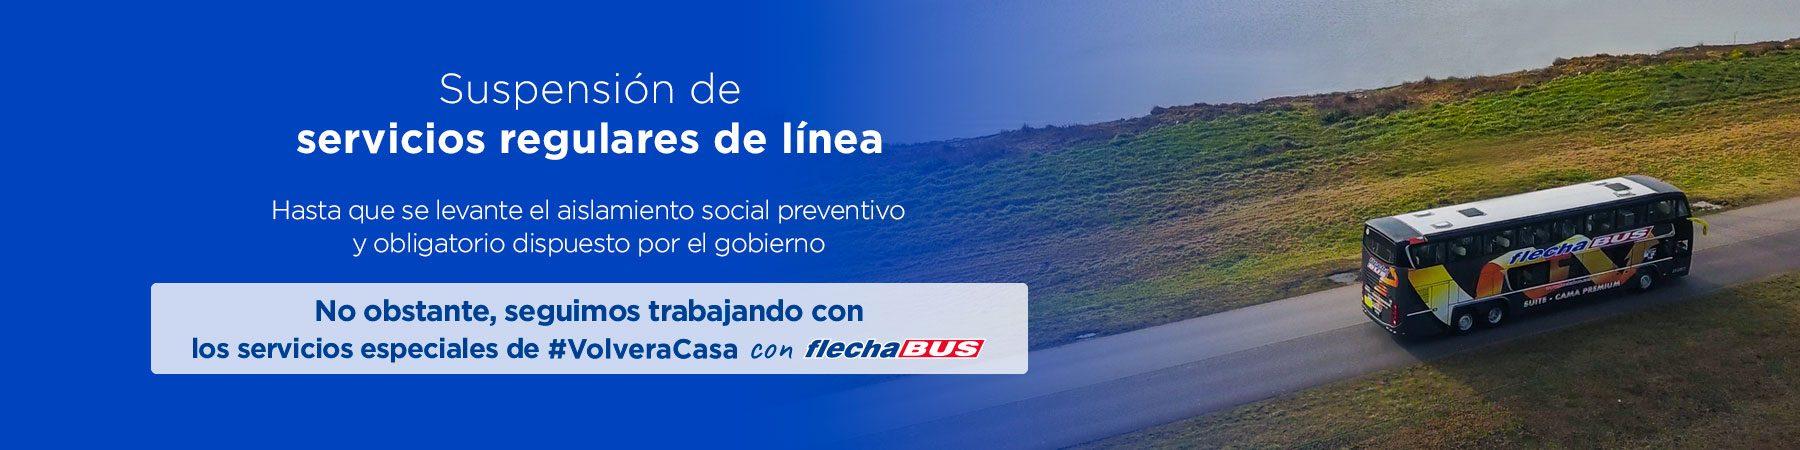 suspension servicios transporte terrestre argentina medidas cuarentena viajar micro flecha bus argentina